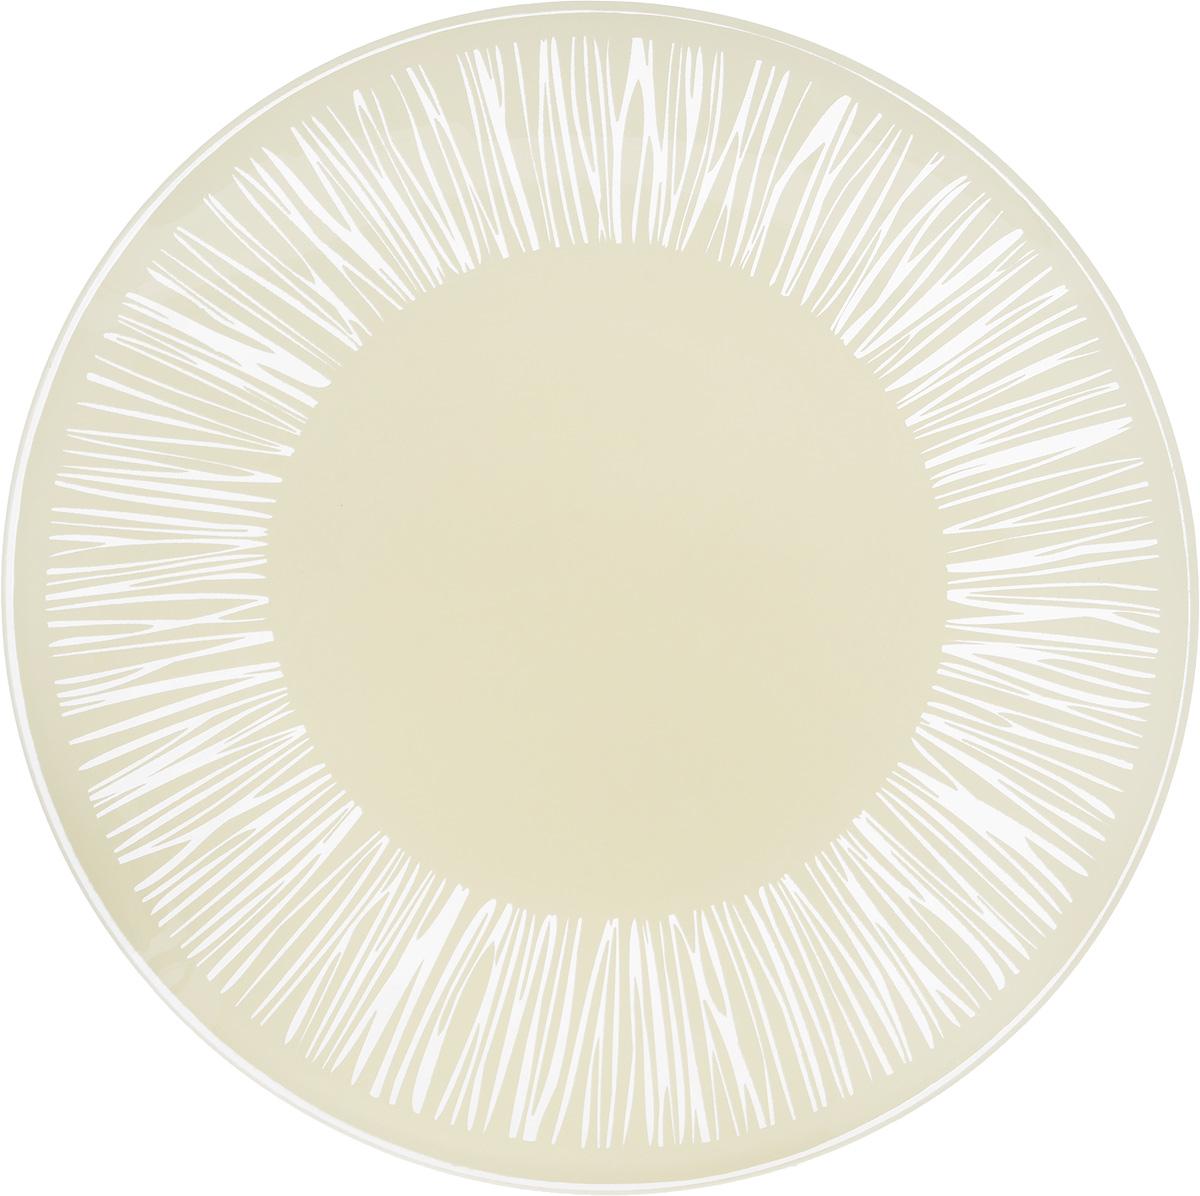 Тарелка NiNaGlass Витас, цвет: светло-бежевый, диаметр 20 см85-200-016/белТарелка NiNaGlass Витас изготовлена из высококачественного стекла. Изделие декорировано оригинальным дизайном. Такая тарелка отлично подойдет в качестве блюда, она идеальна для сервировки закусок, нарезок, горячих блюд. Тарелка прекрасно дополнит сервировку стола и порадует вас оригинальным дизайном. Диаметр тарелки: 20 см. Высота тарелки: 2,5 см.